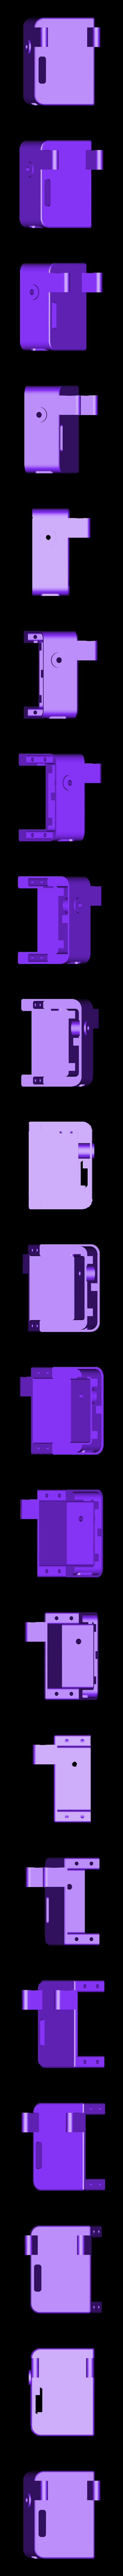 tilt02.STL Download free STL file Pan, tilt and roll camera pod for FPV. • 3D printing object, tahustvedt